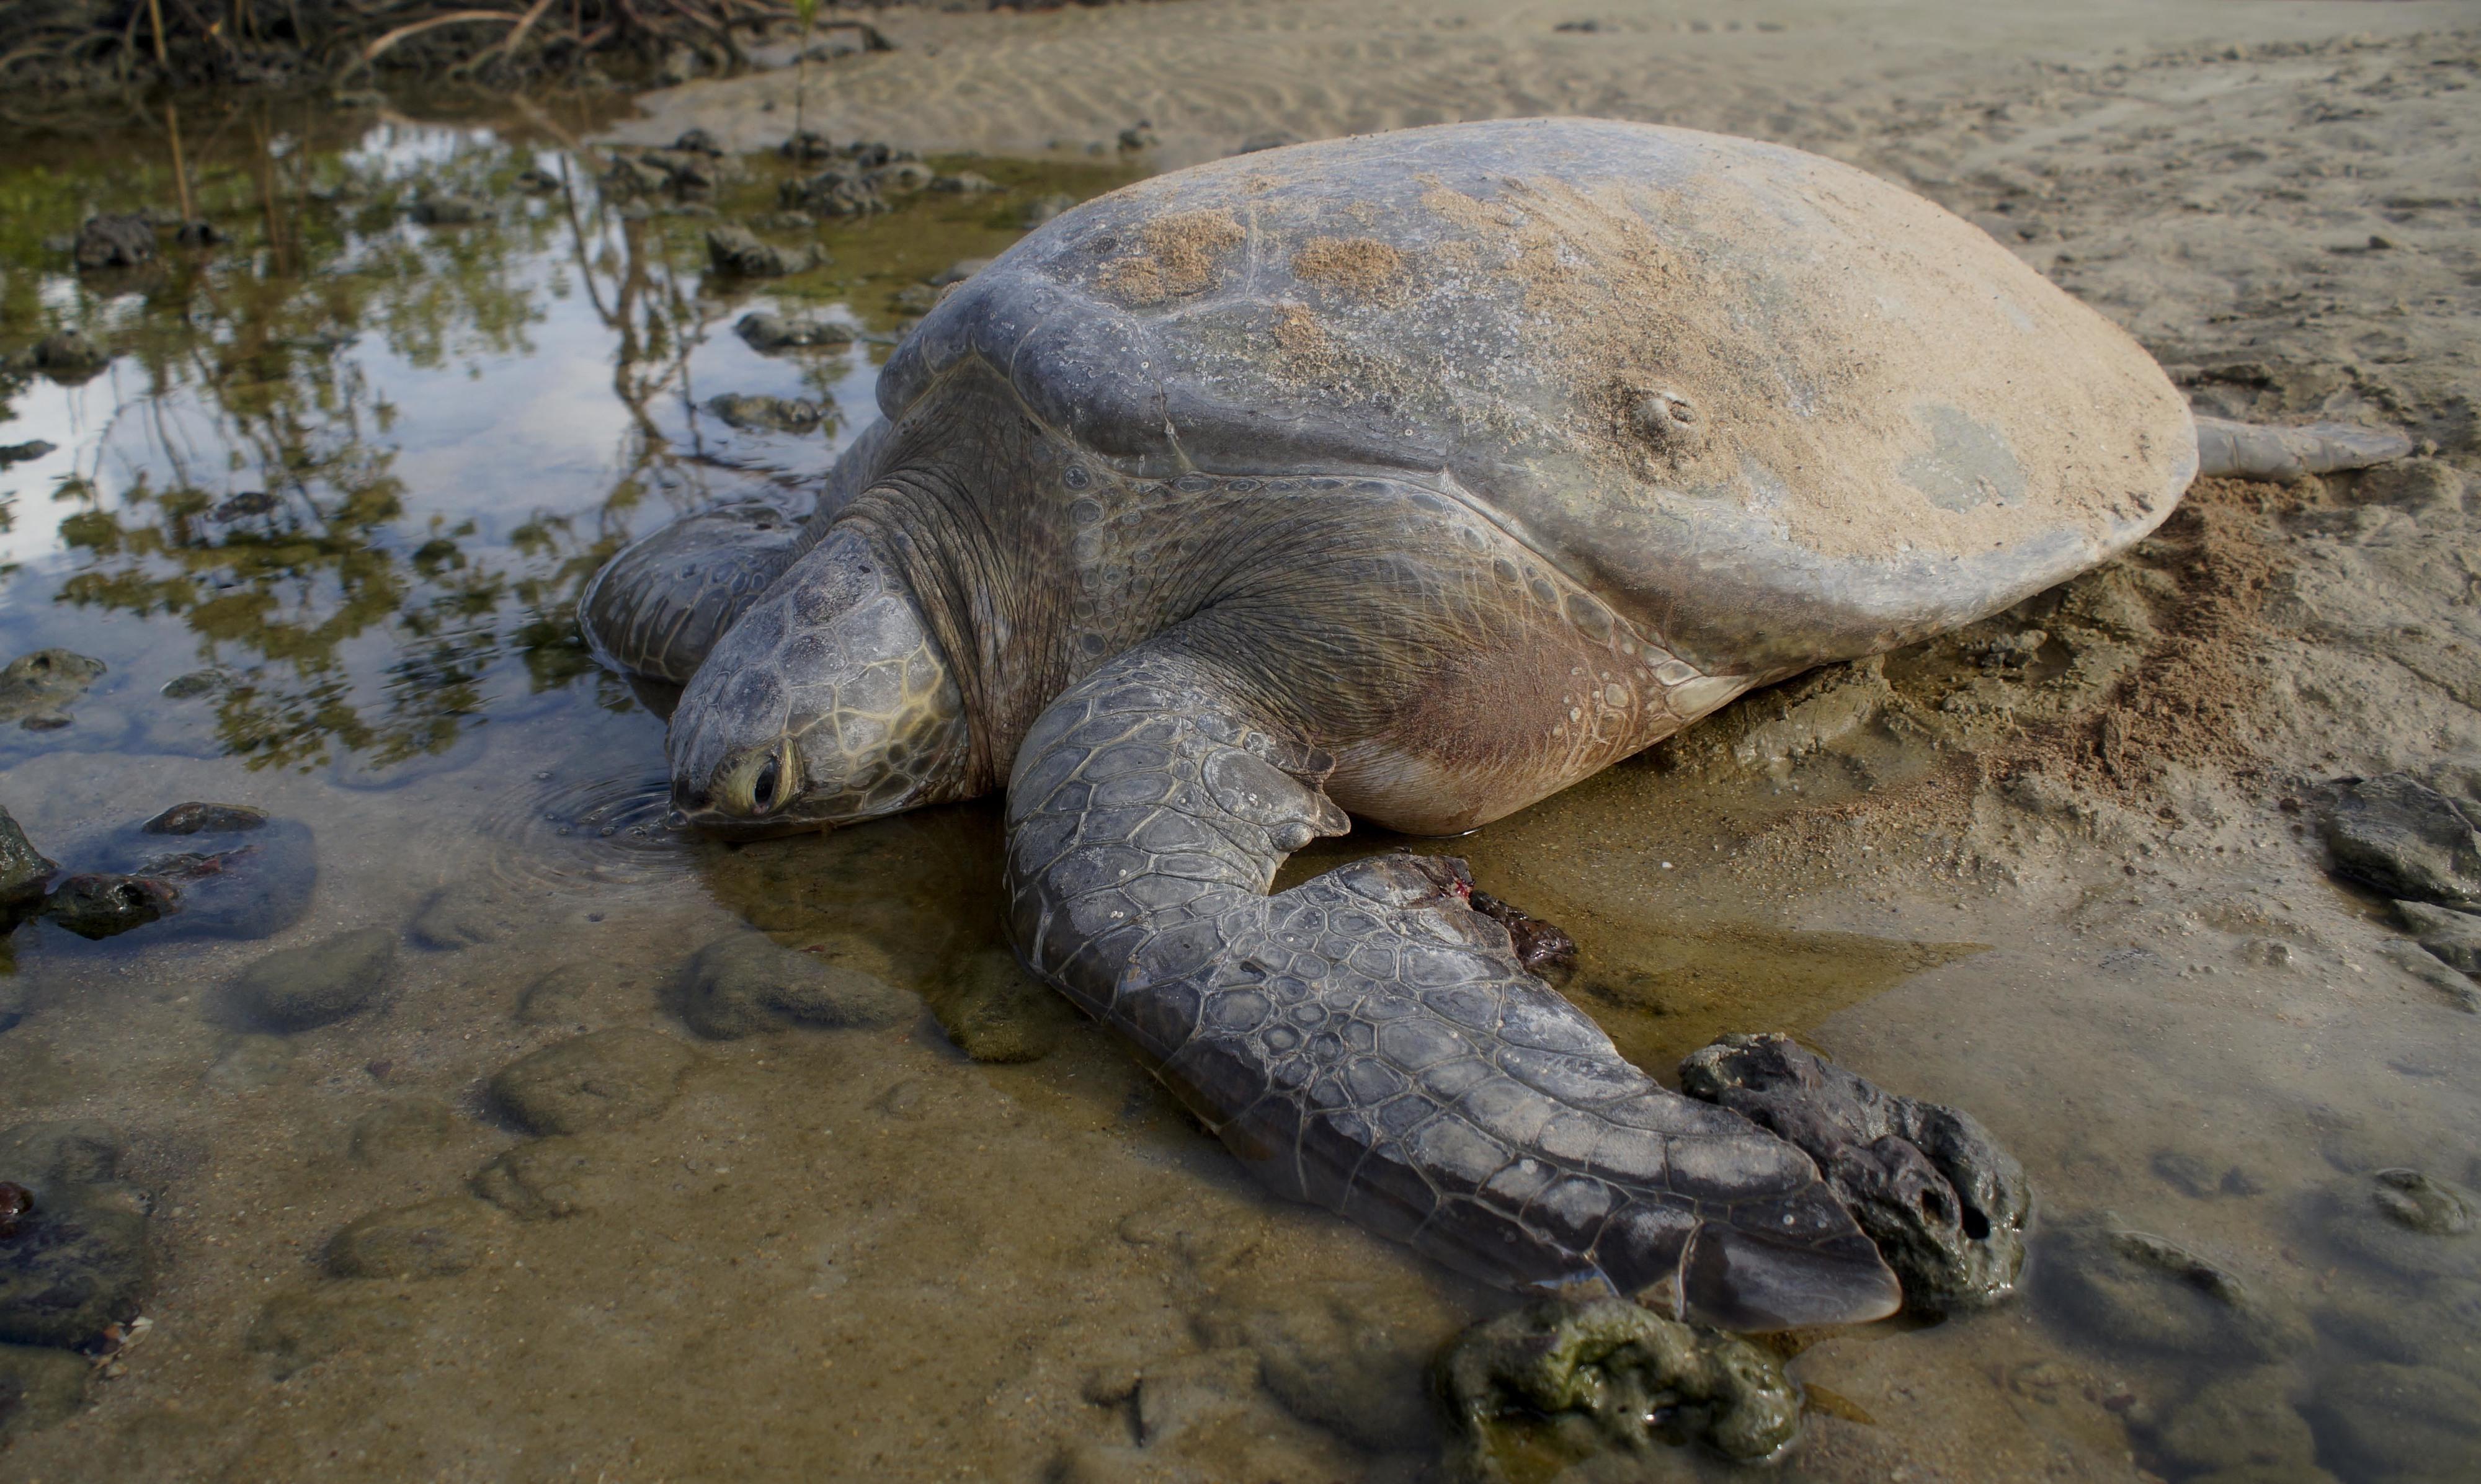 Ambientalista diz que ninhos de tartarugas nas praias de Cabo Verde devem atingir recorde este ano